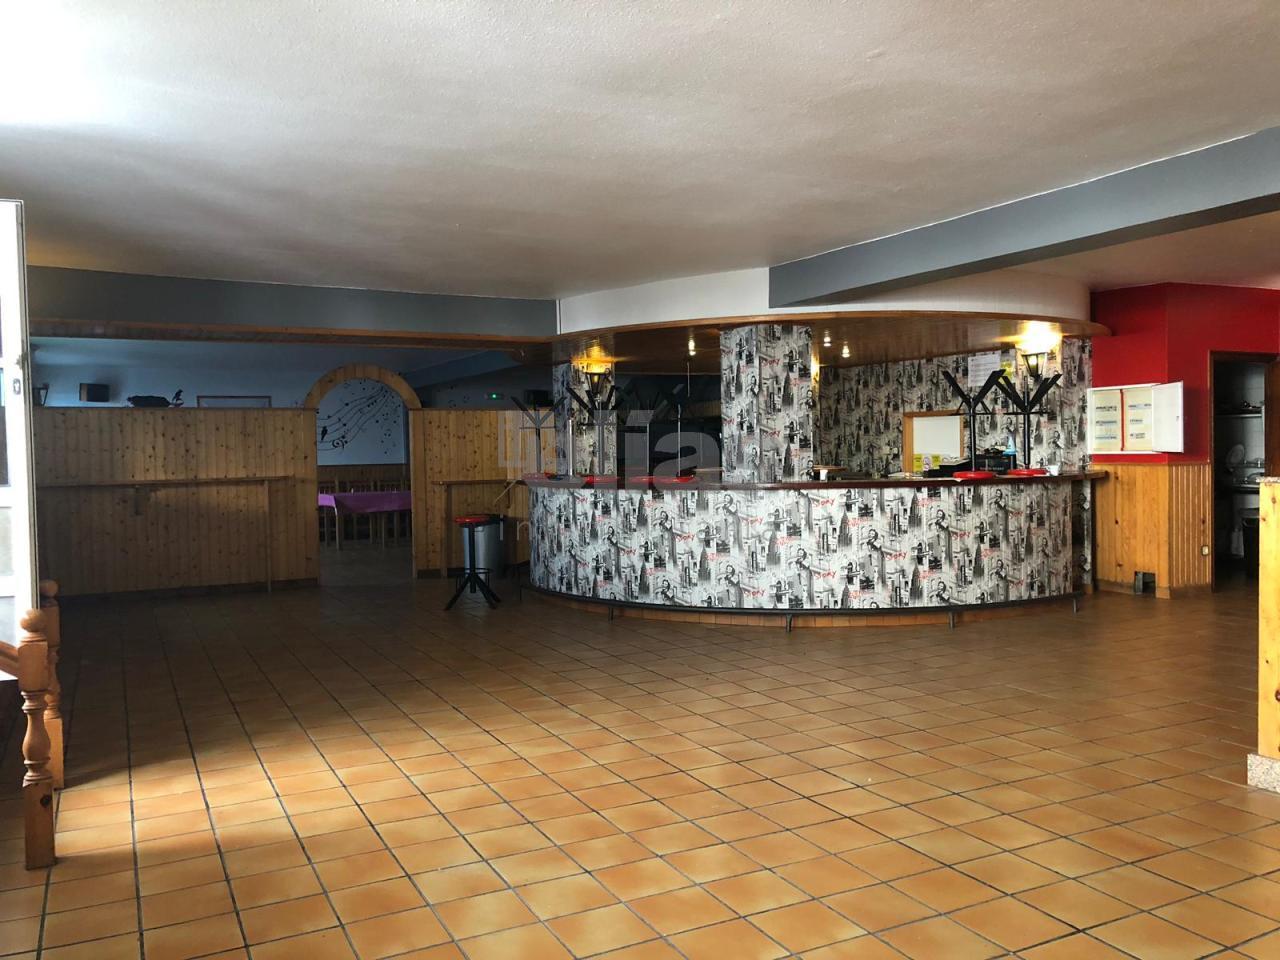 Local en venta en Laxe – L000500